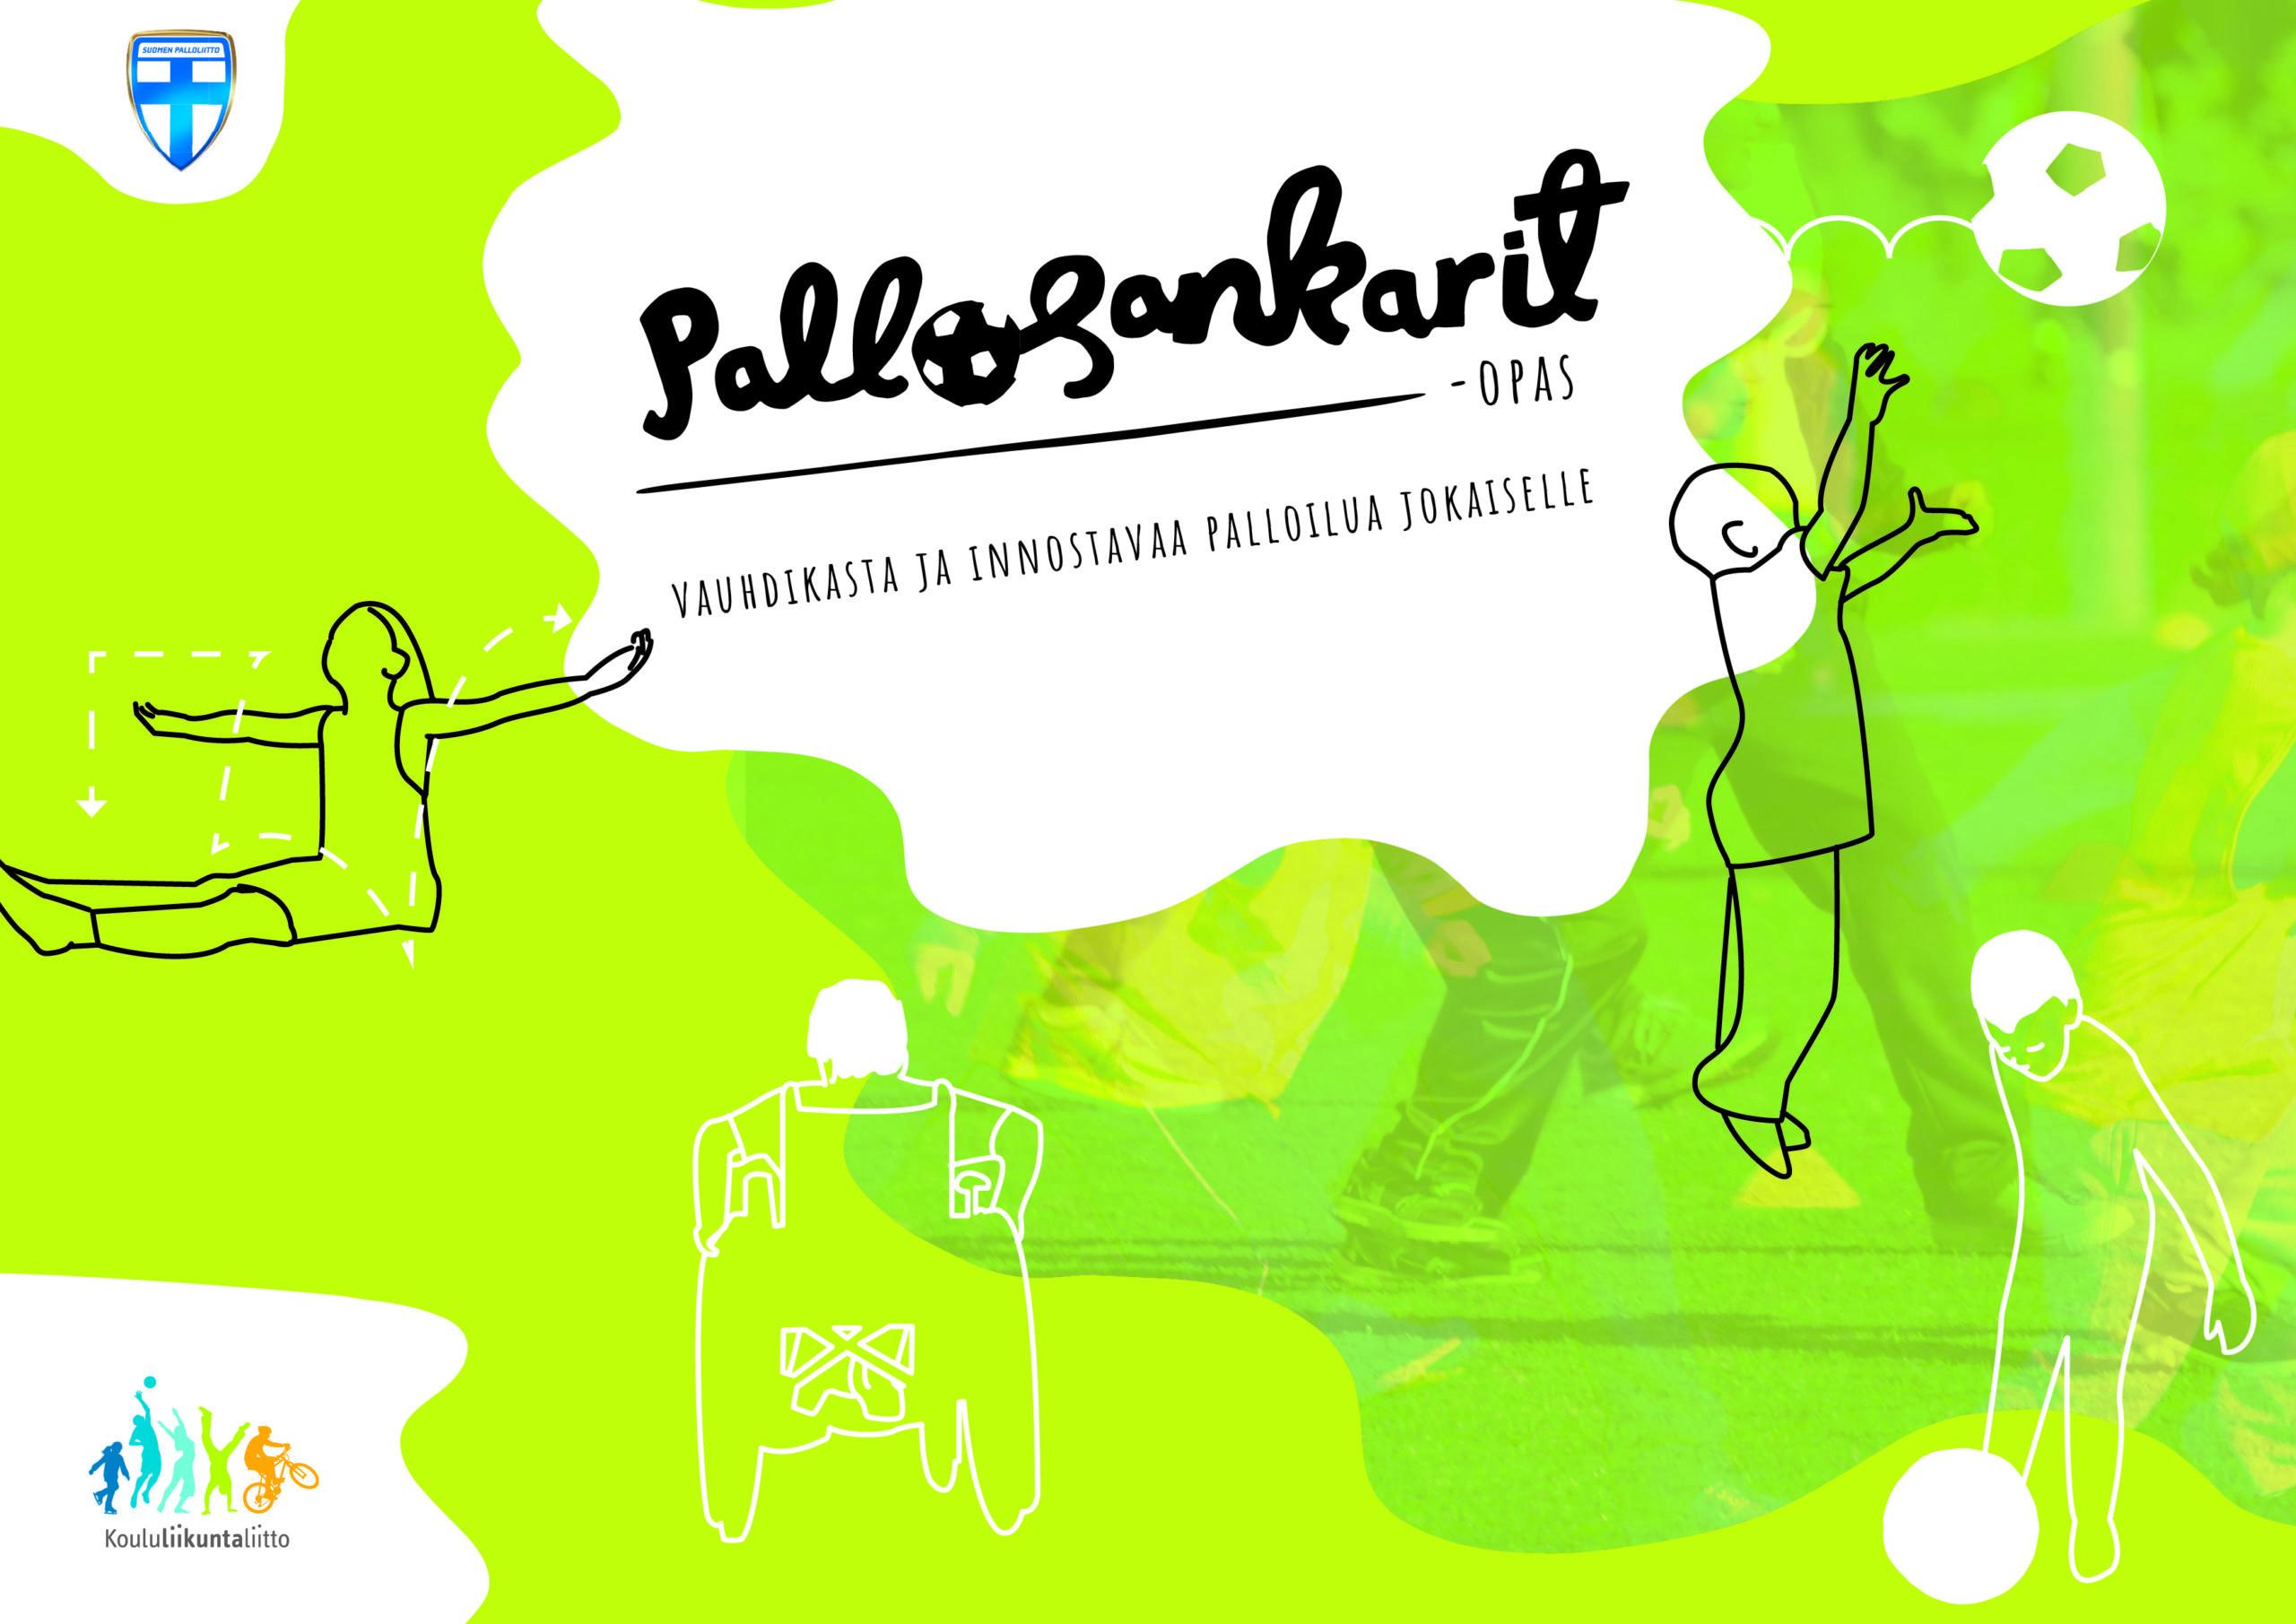 Pallosankarit-oppaan kansi, jossa piirroshahmot pallottelevat.